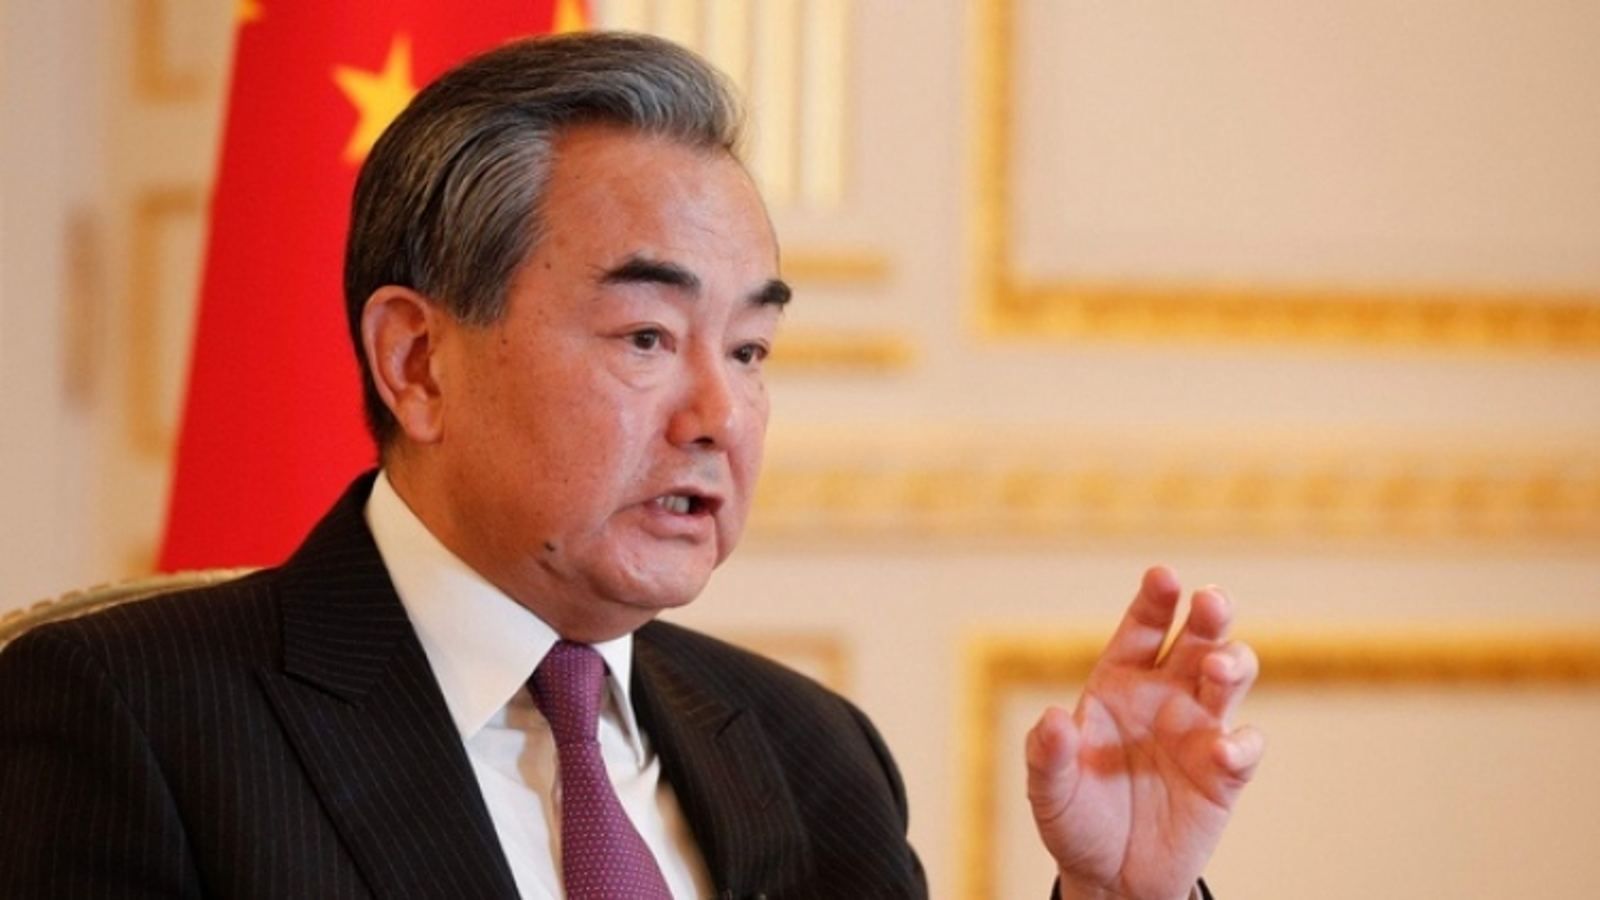 Ngoại trưởng Trung Quốc Vương Nghị chuẩn bị thăm Đông Nam Á và Hàn Quốc